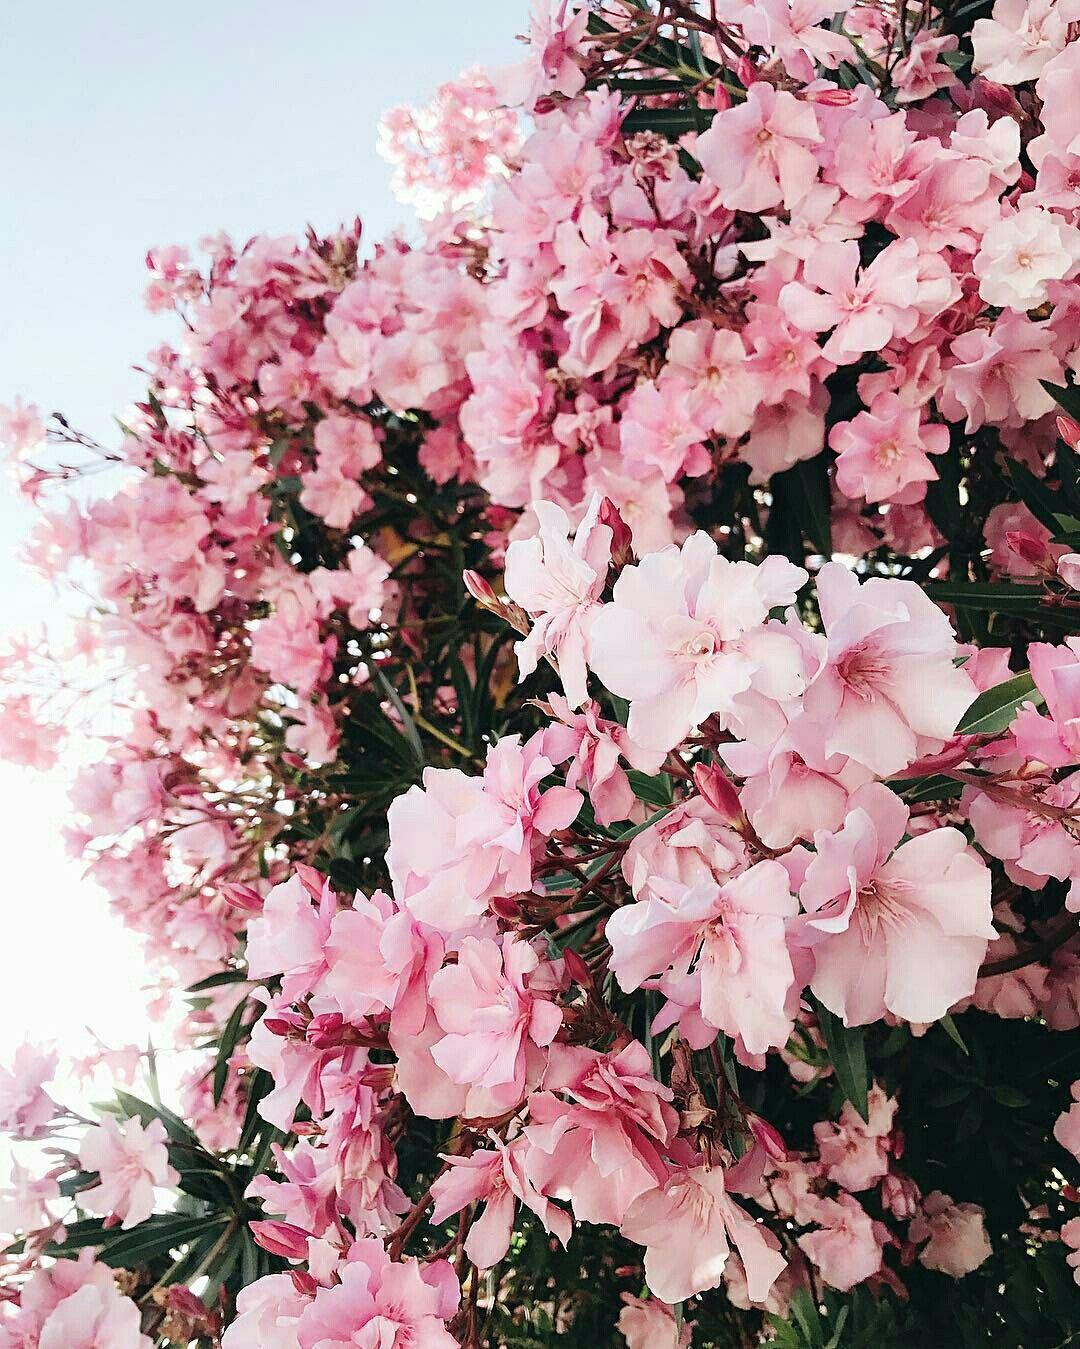 𝙿𝚒𝚗𝚝𝚎𝚛𝚎𝚜𝚝 𝚘𝚕𝚒𝚟𝚒𝚊𝚊𝟷𝟷𝟸𝟶 𝚅𝚜𝚌𝚘 𝚘𝚕𝚒𝚟𝚒𝚊𝚊𝟷𝟷𝟸𝟶 Çiçek bahçesi